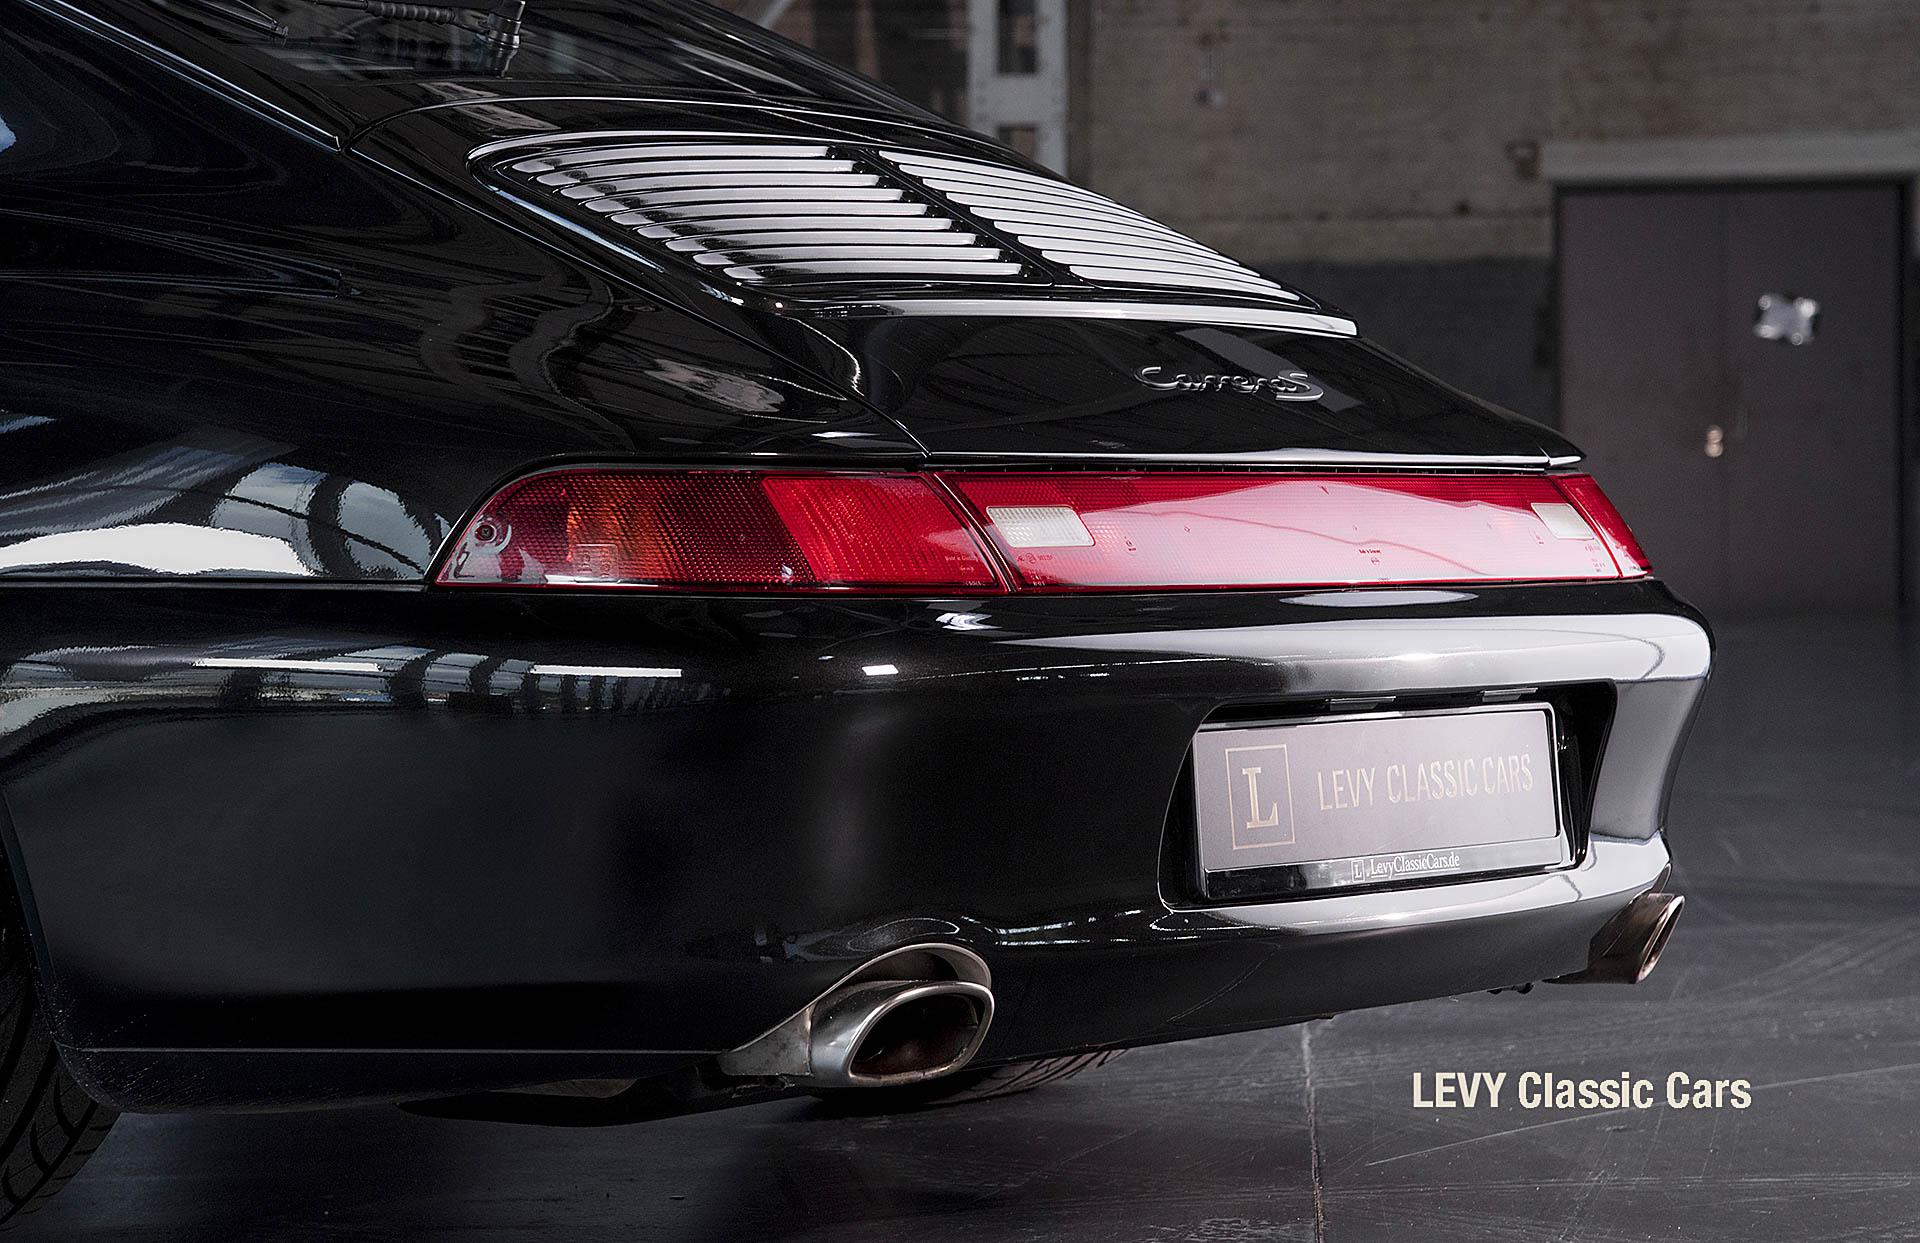 geschaerft Porsche Carrera 2 S 11679 78